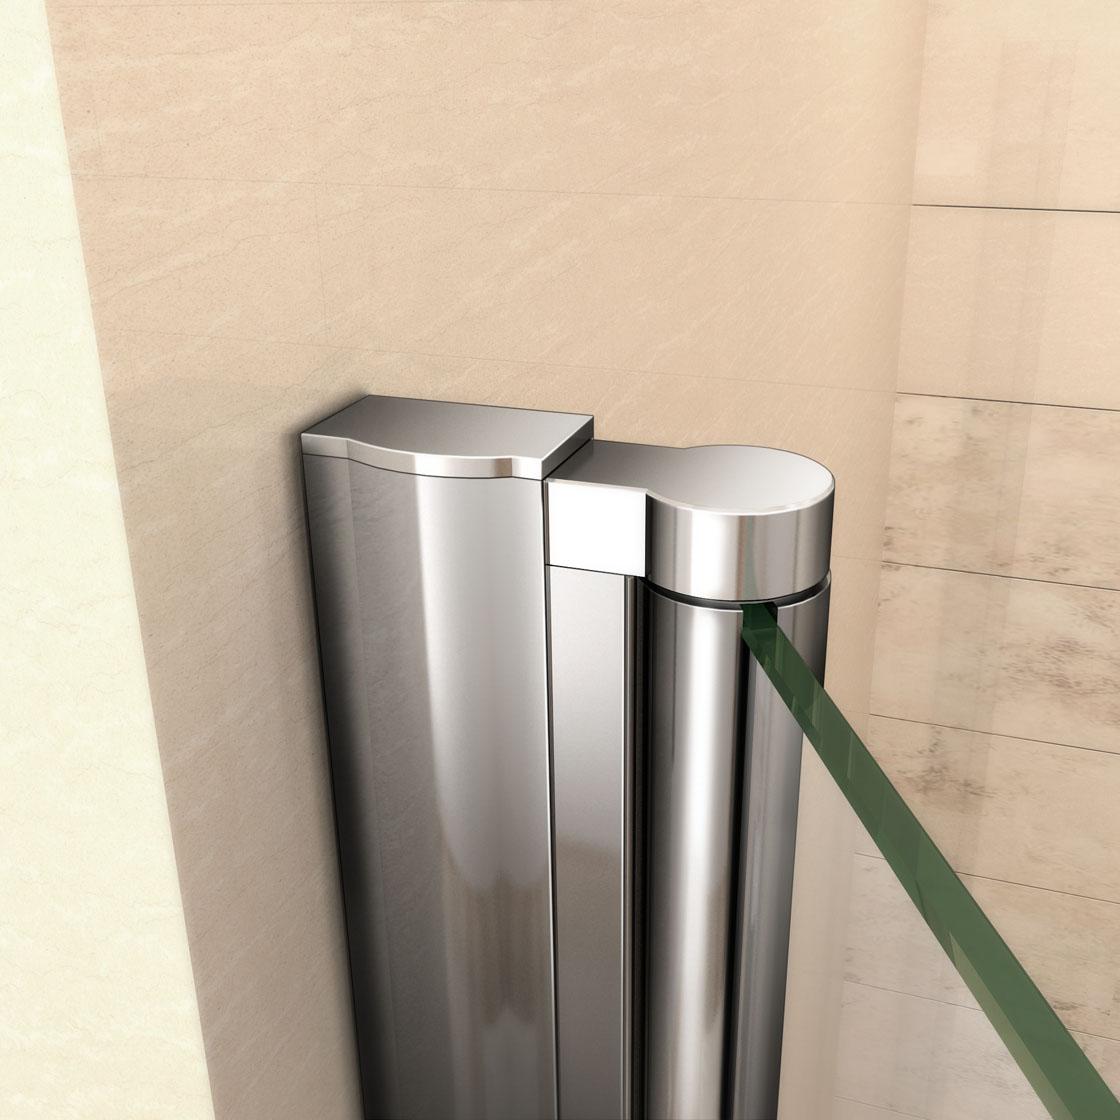 Aica frameless double bi fold shower door enclosure tray for 1000 bifold shower door